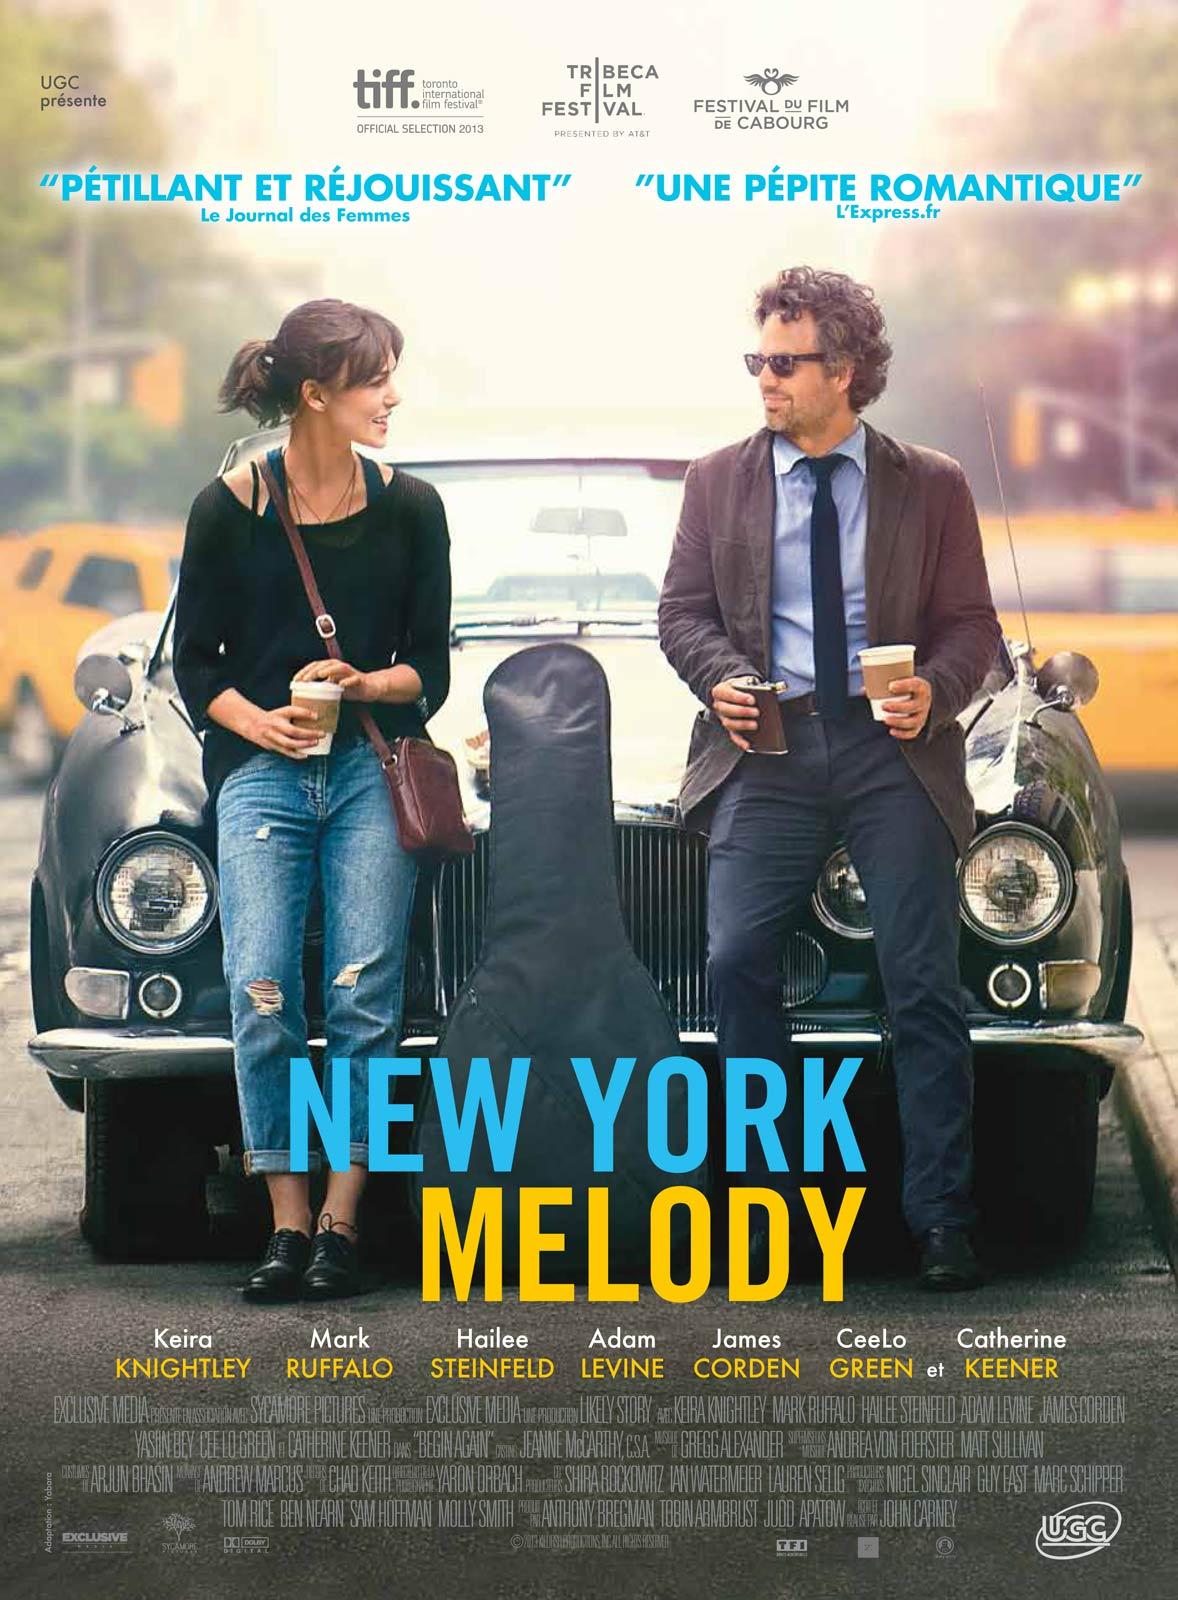 New York Melody rythmera-t-il l'été ?